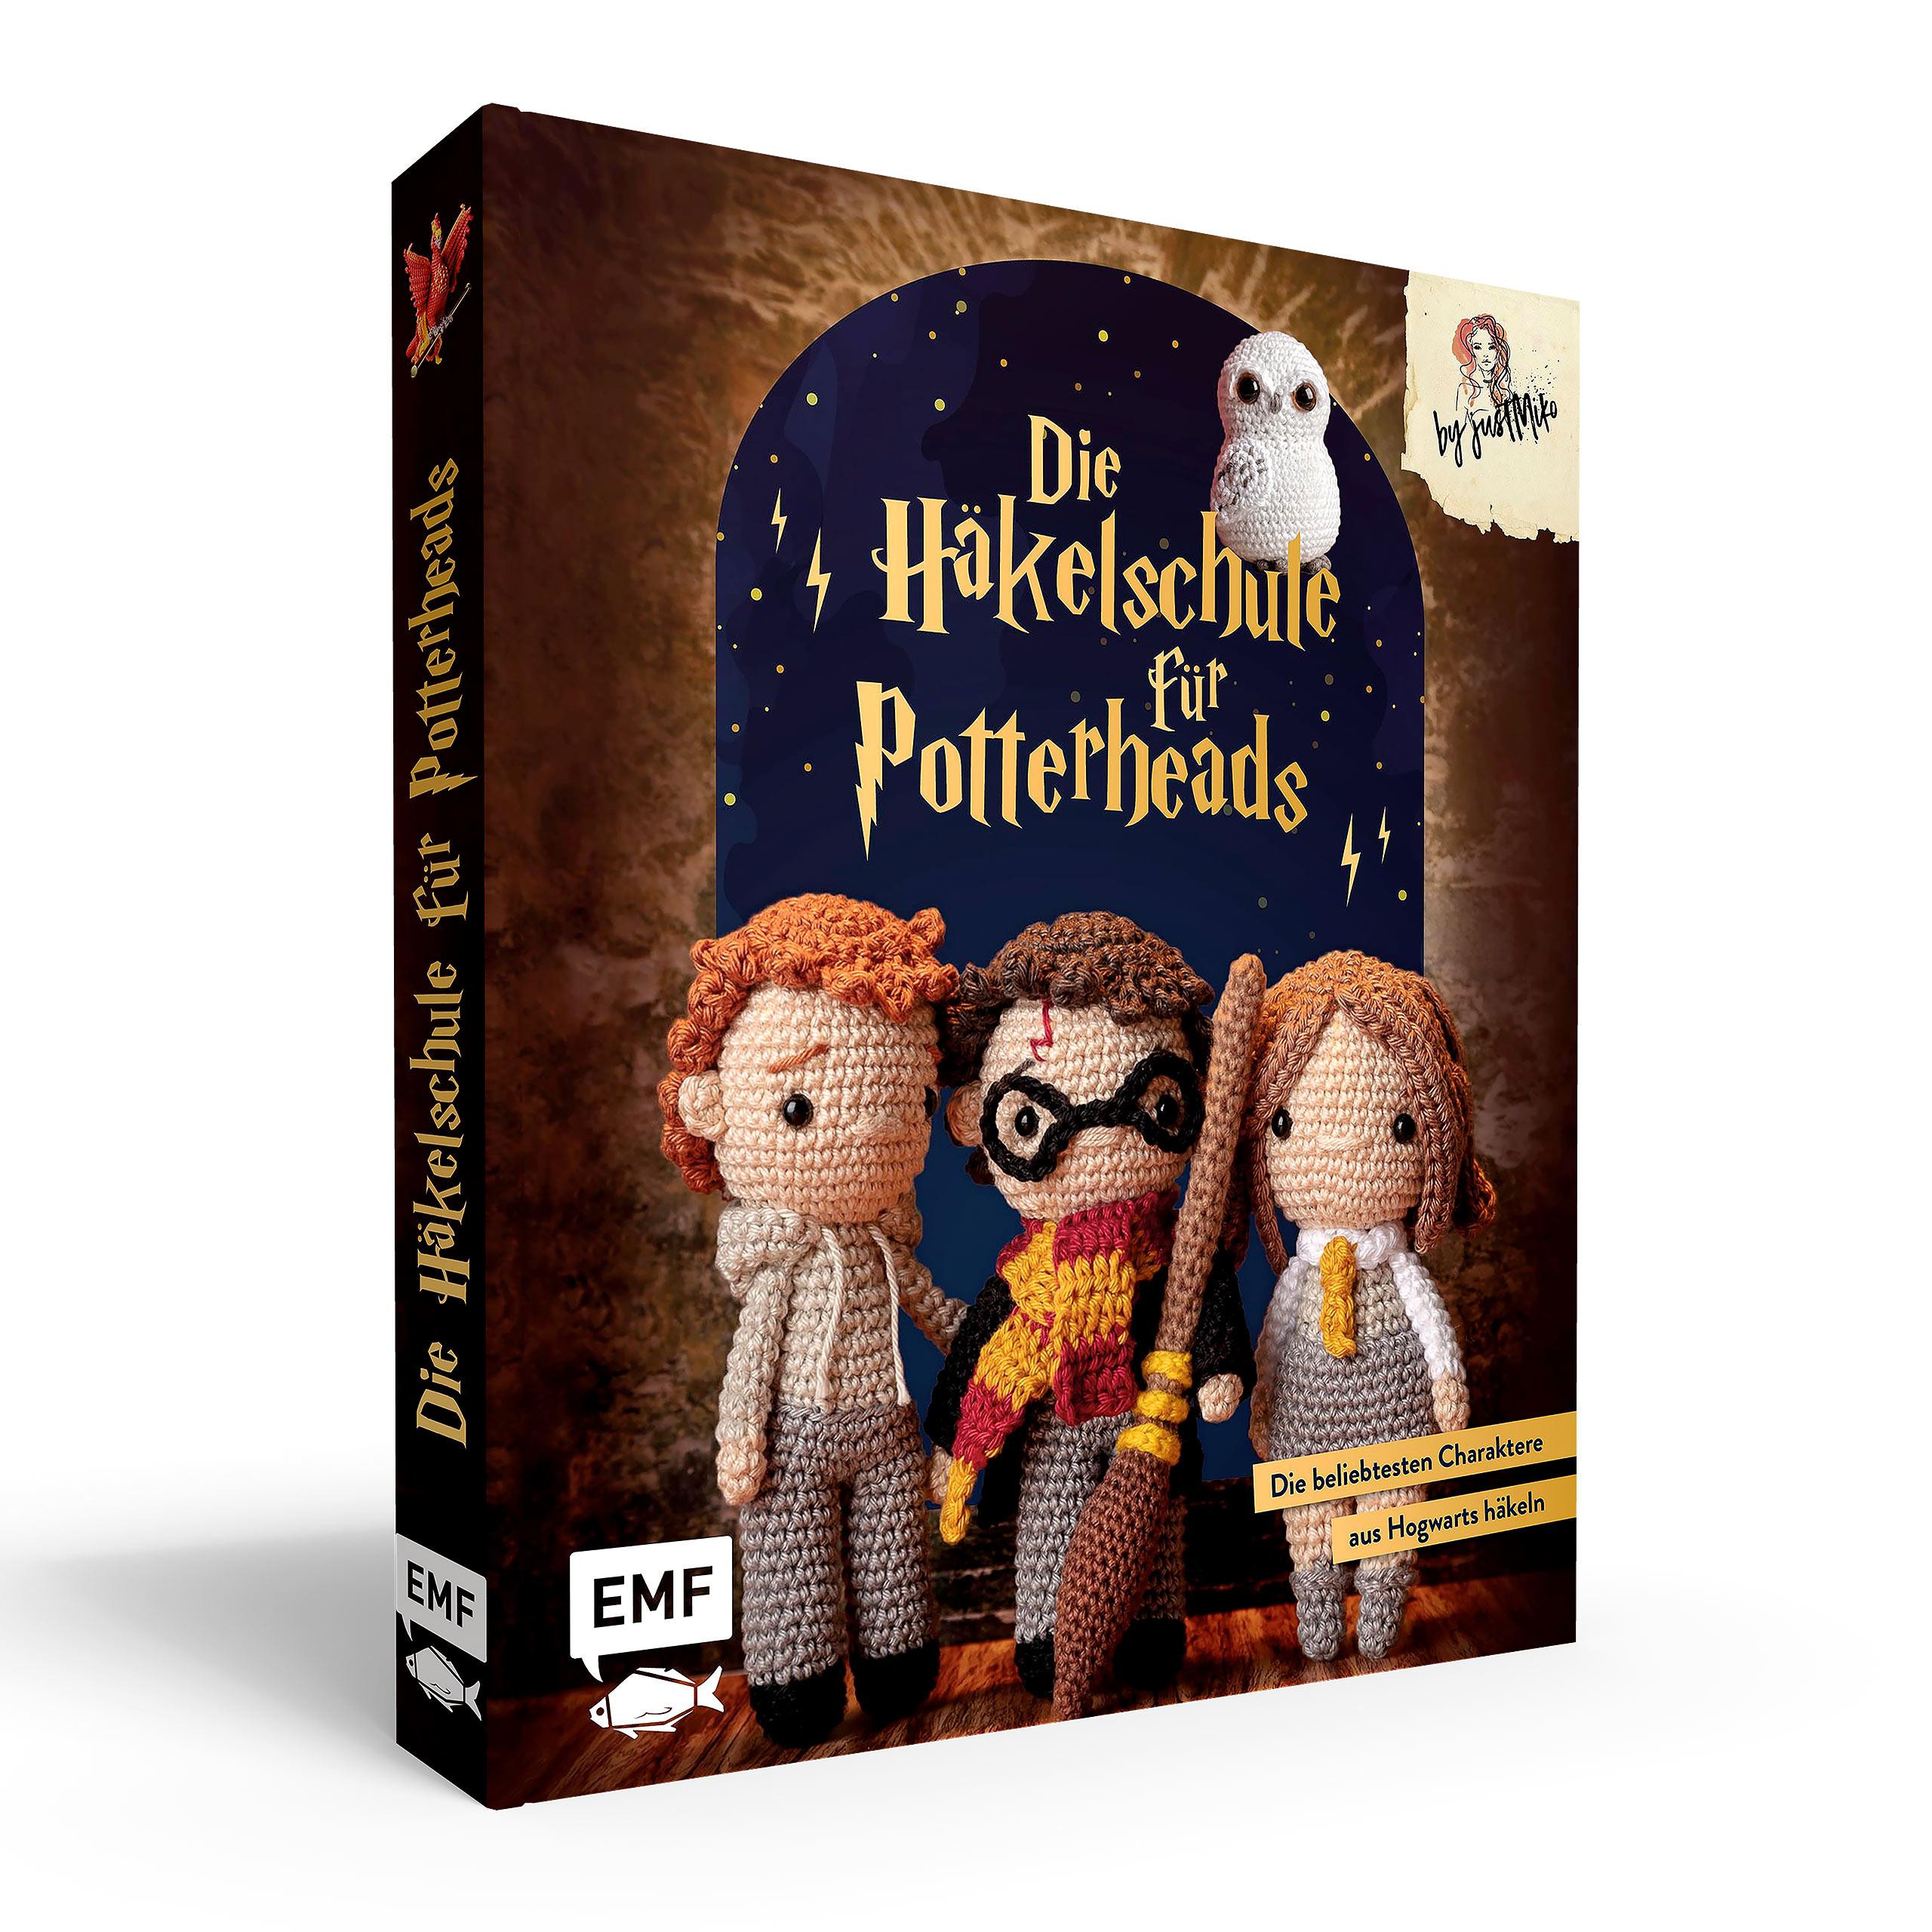 Die Häkelschule für Potterheads - Gebundene Ausgabe